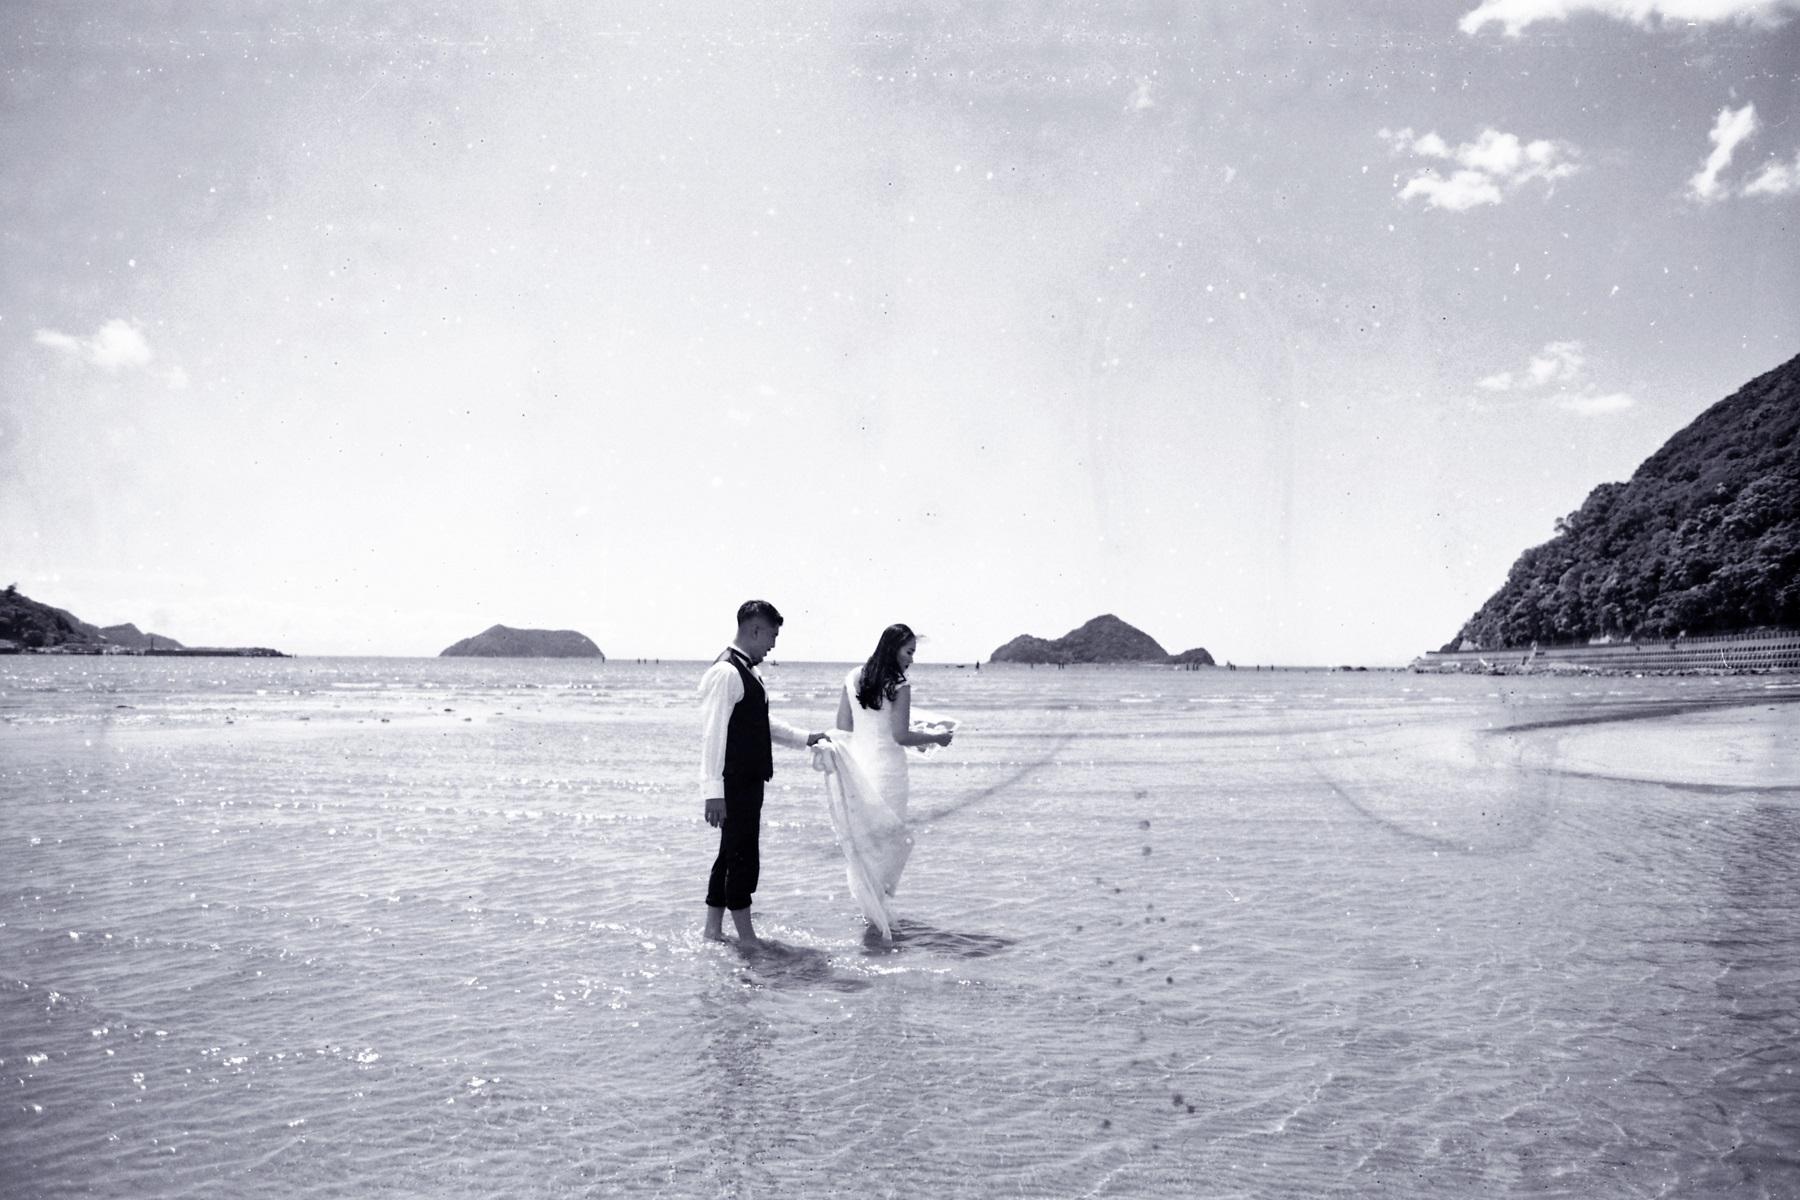 エンゲージ|前撮り|結婚写真|フィルム|記念写真|フィルム写真|ポートレート|プロフィール撮影| FUJIWARAFILMS|ふじわらやすし写真事務所|